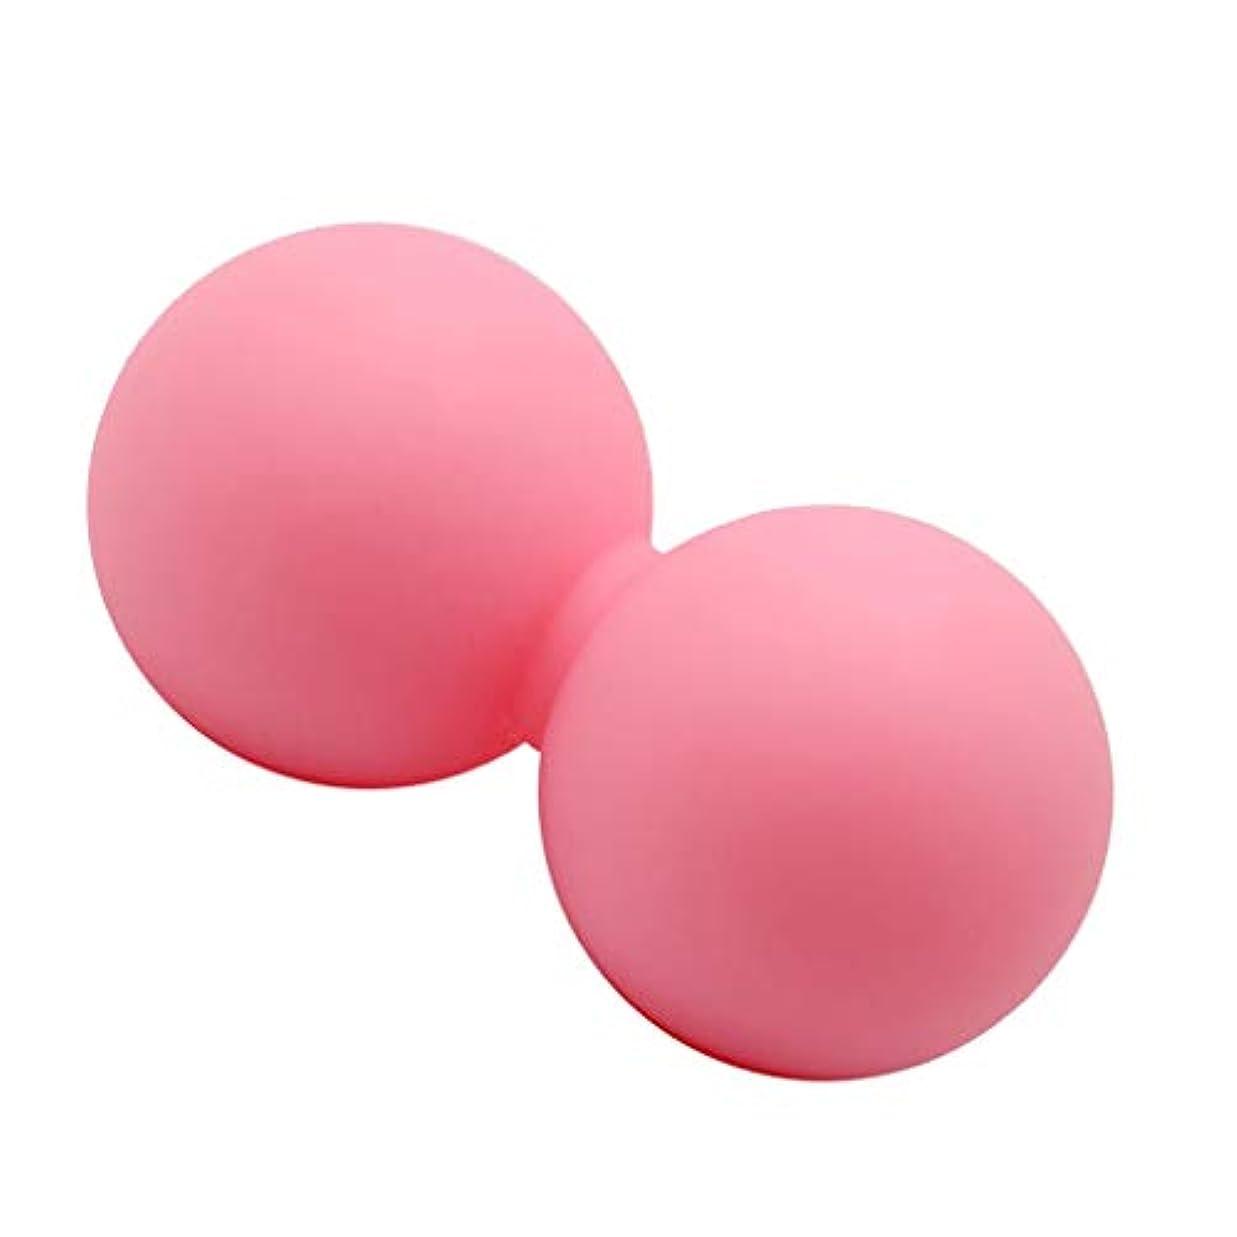 巻き取りデコレーション日焼けマッサージ ヨガボール ピーナッツ形 痛み緩和 ピンク